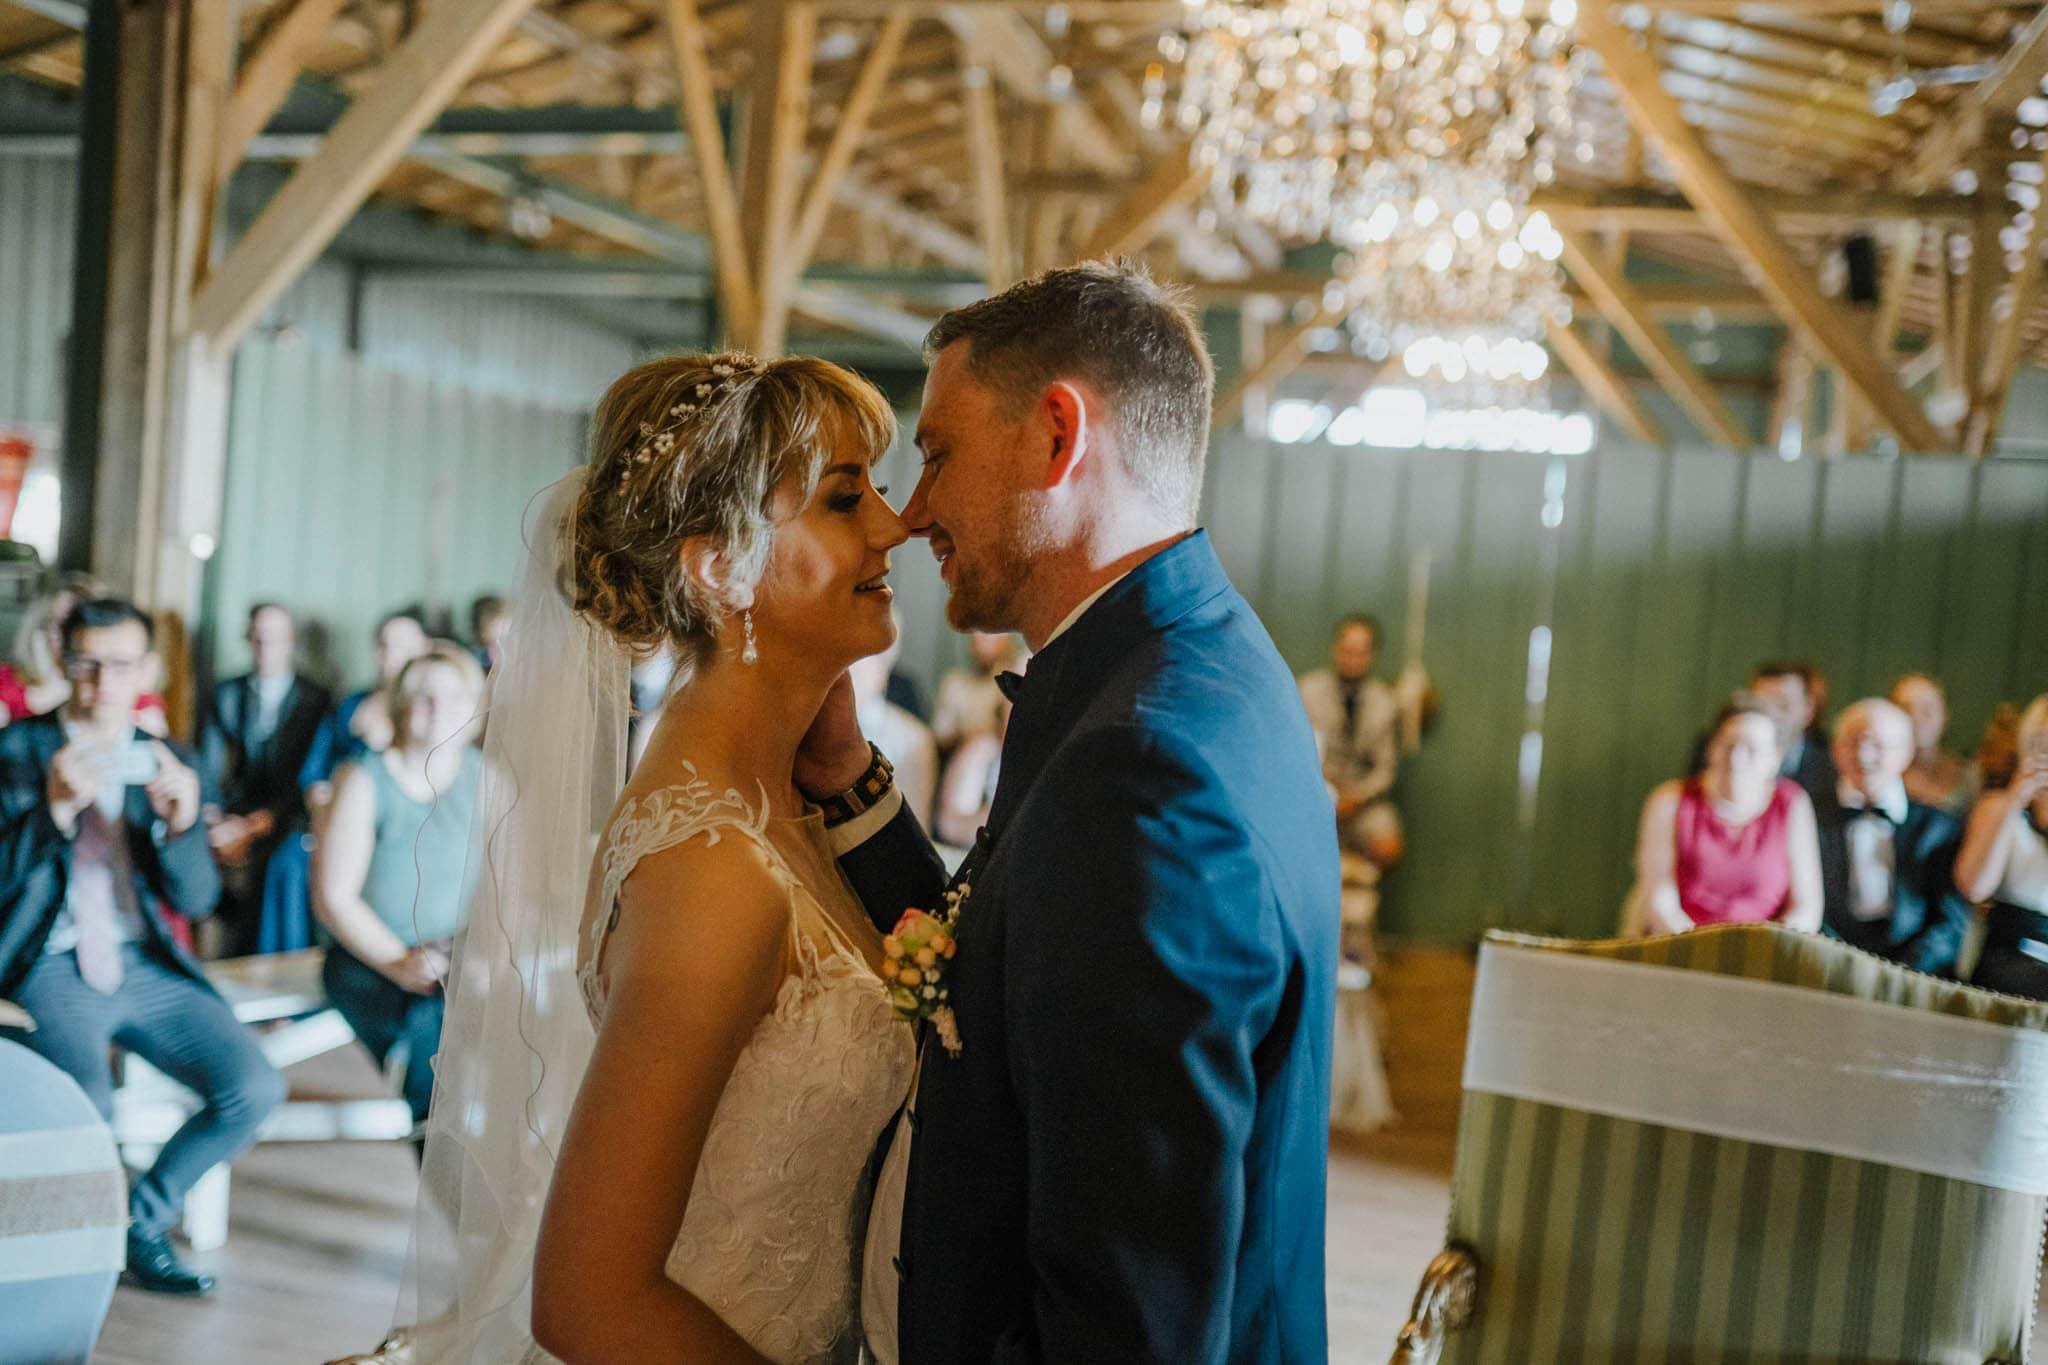 Hochzeitsfieber by Photo-Schomburg, Hoichzeitsfotograf, Hamburg, Wedding, Weddingtime, Hochzeitspaar, Braut, Bräutigam, Hochzeit im Norden,-61